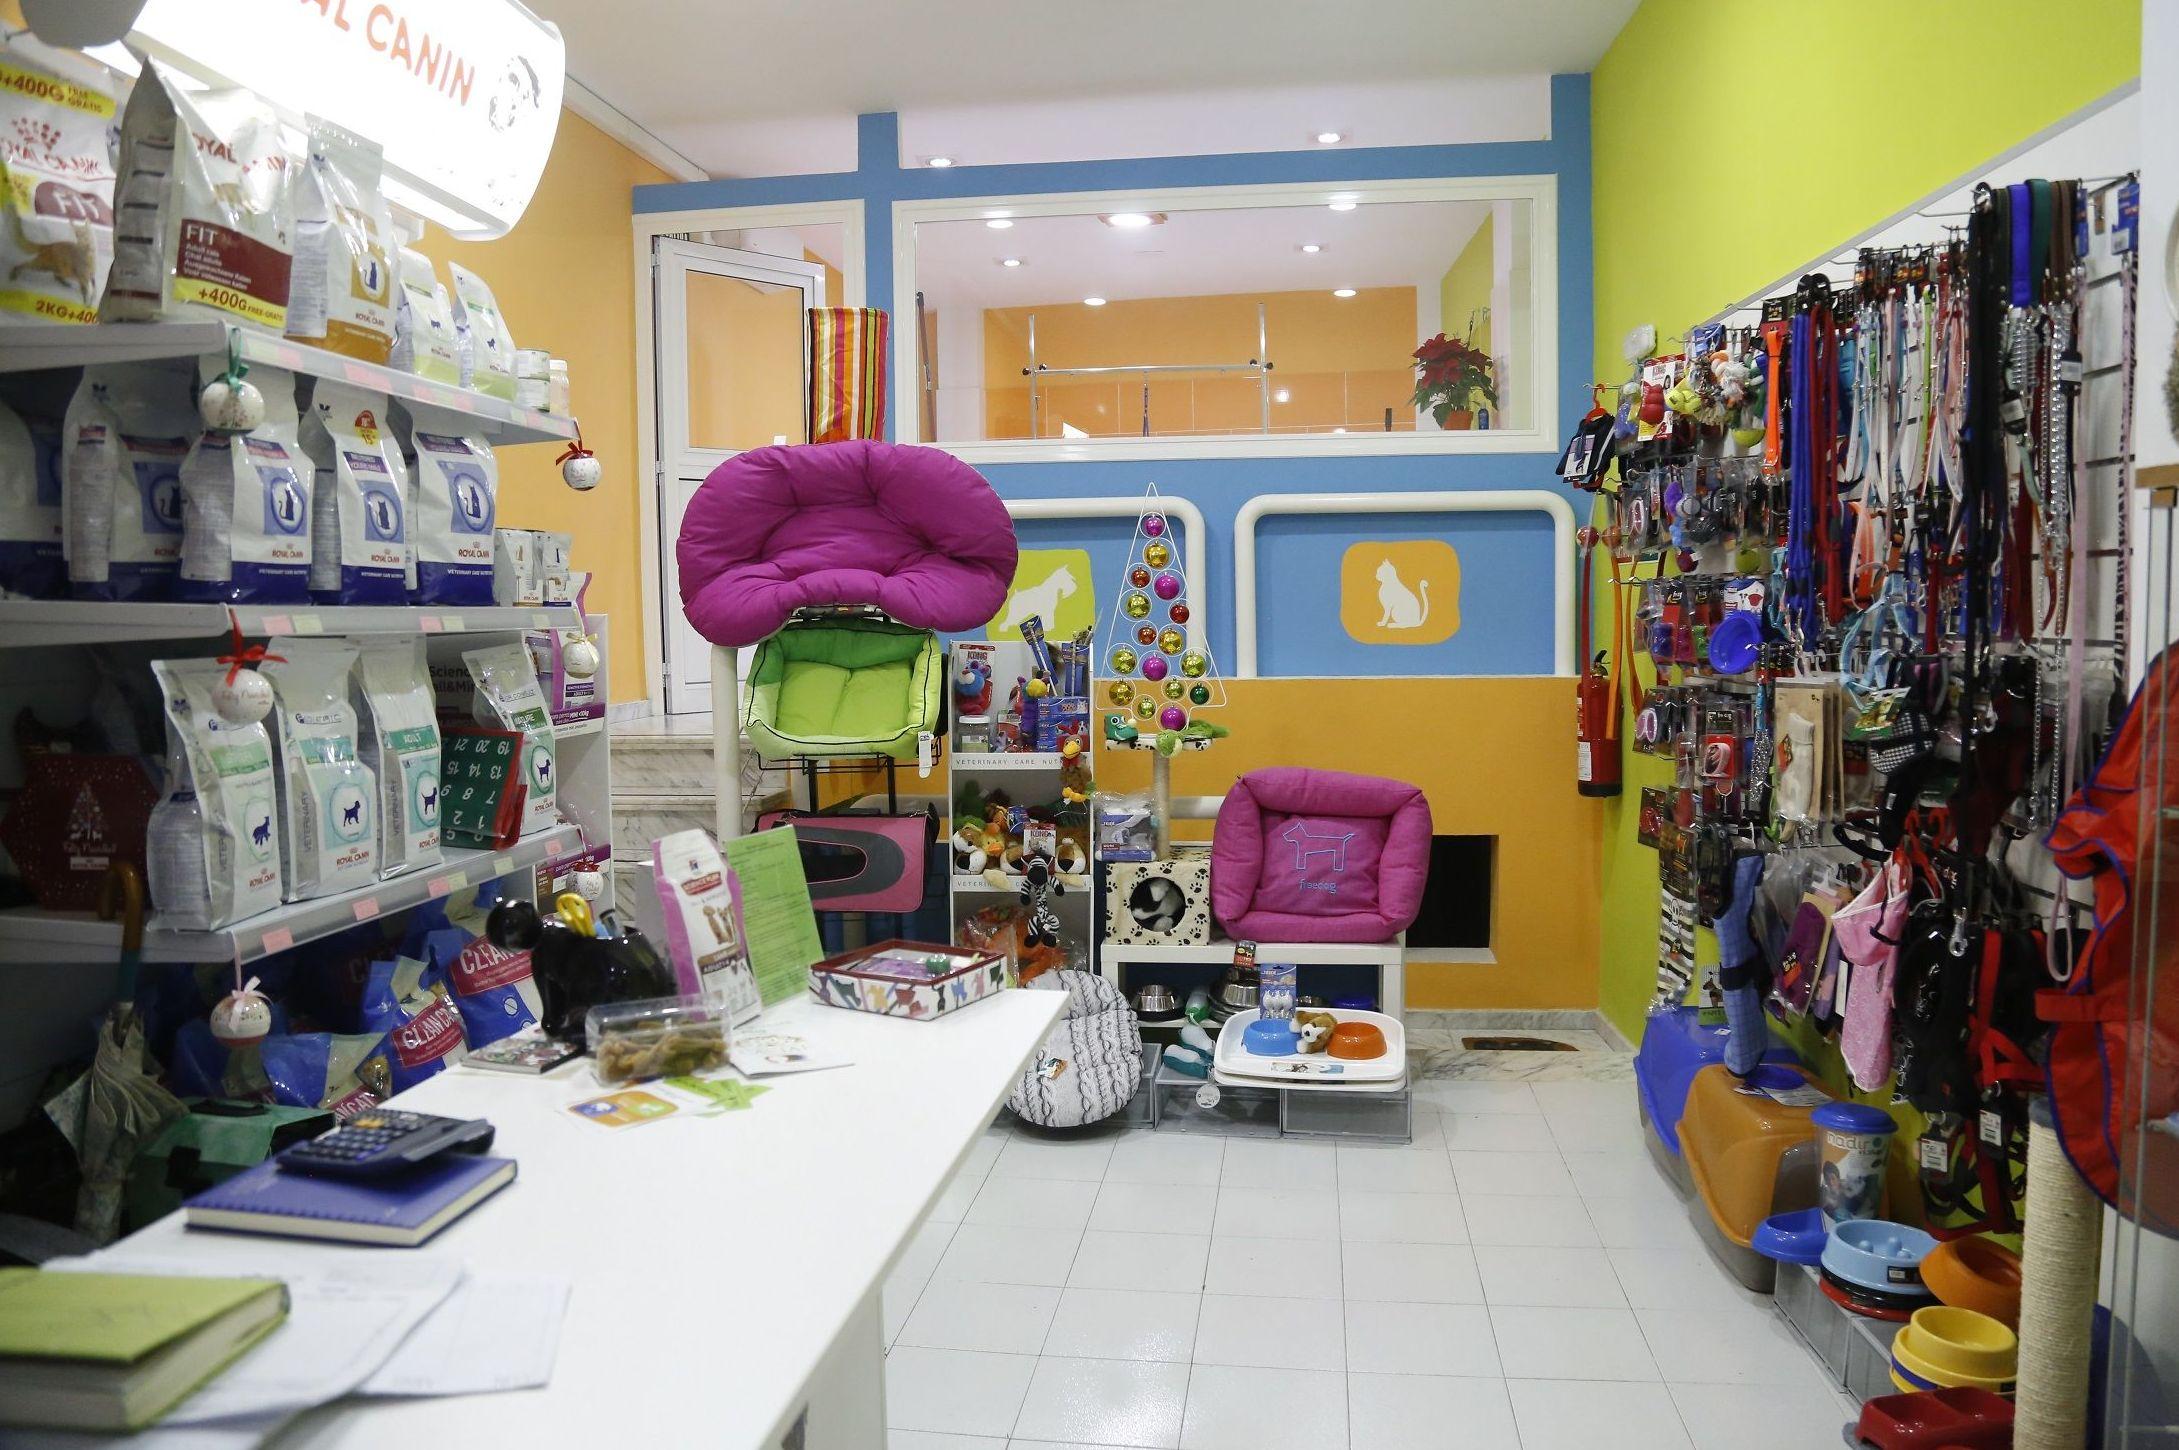 Tienda de accesorios y alimentación para mascotas en Tenerife